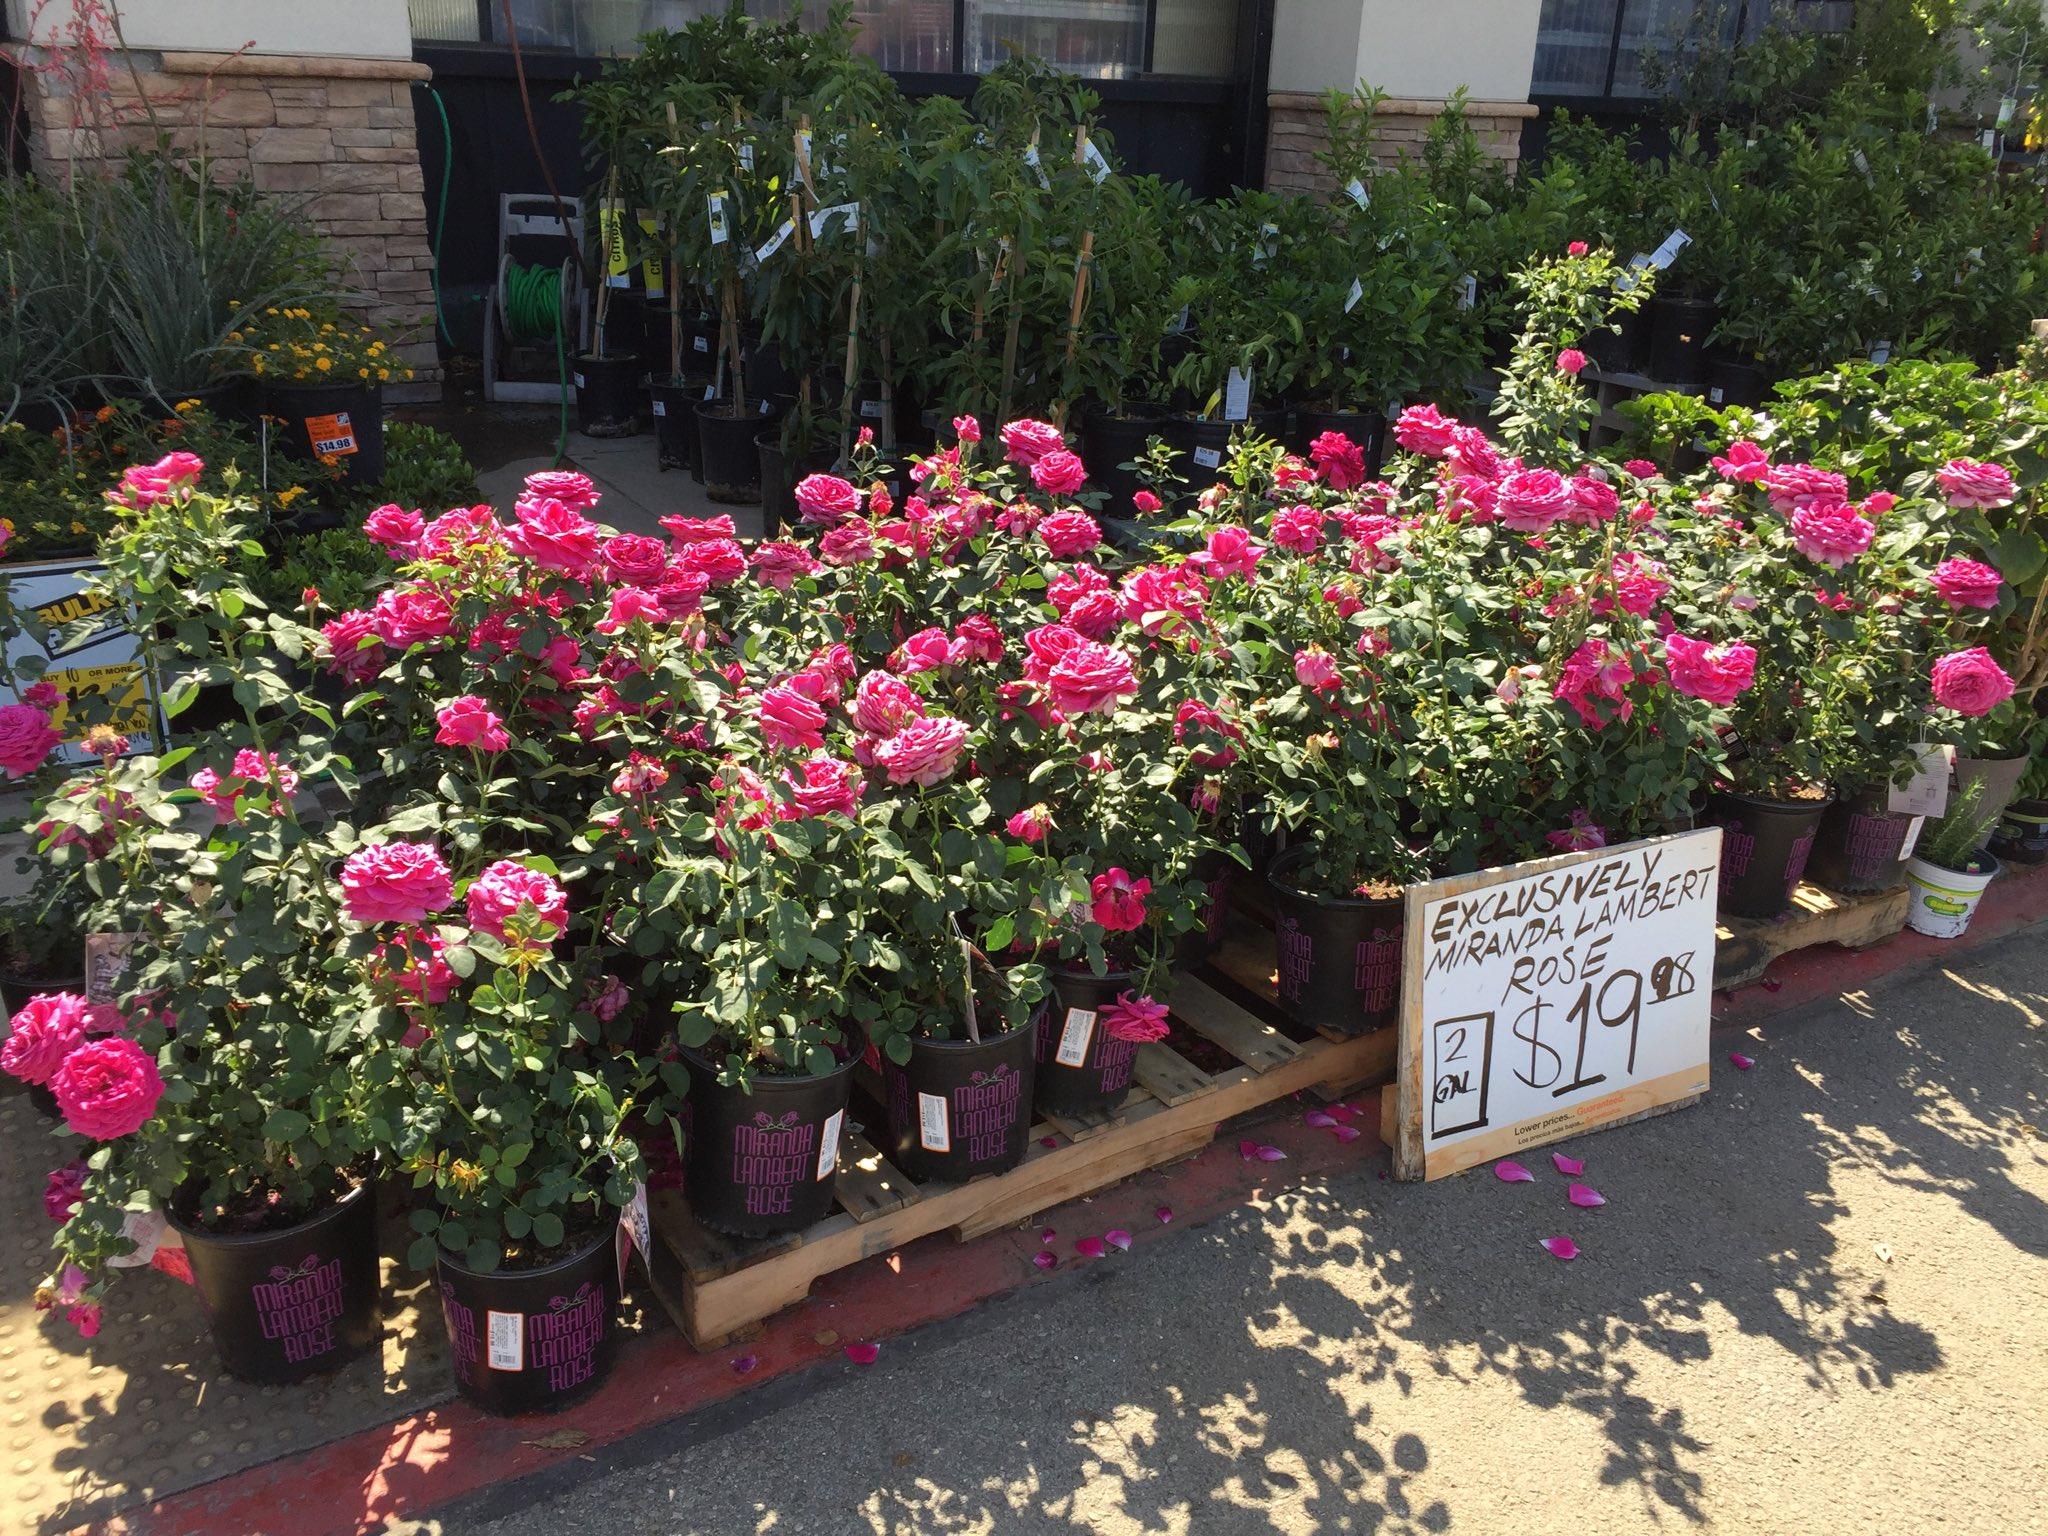 Miranda Lambert Roses At The Home Depot